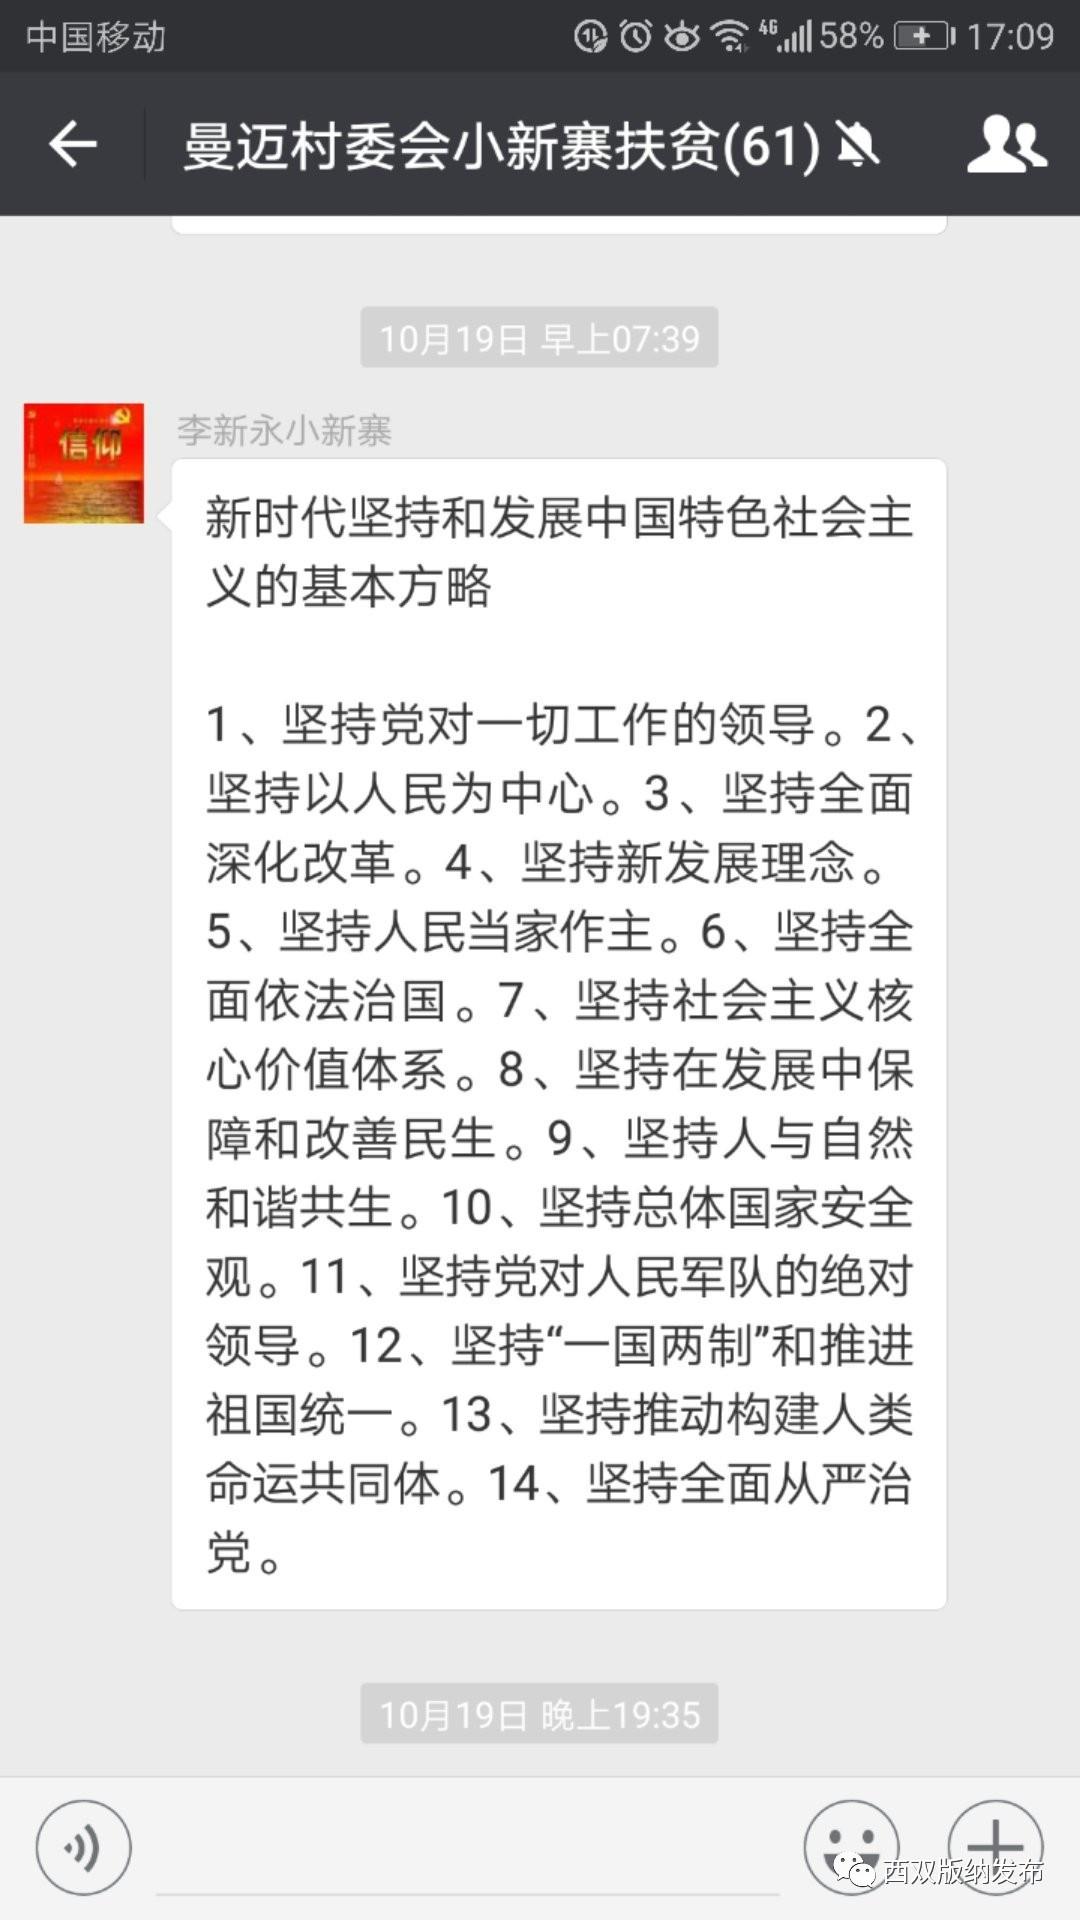 浙江卫视《聚焦浙商》走进海赢科技,专访CEO胡煜